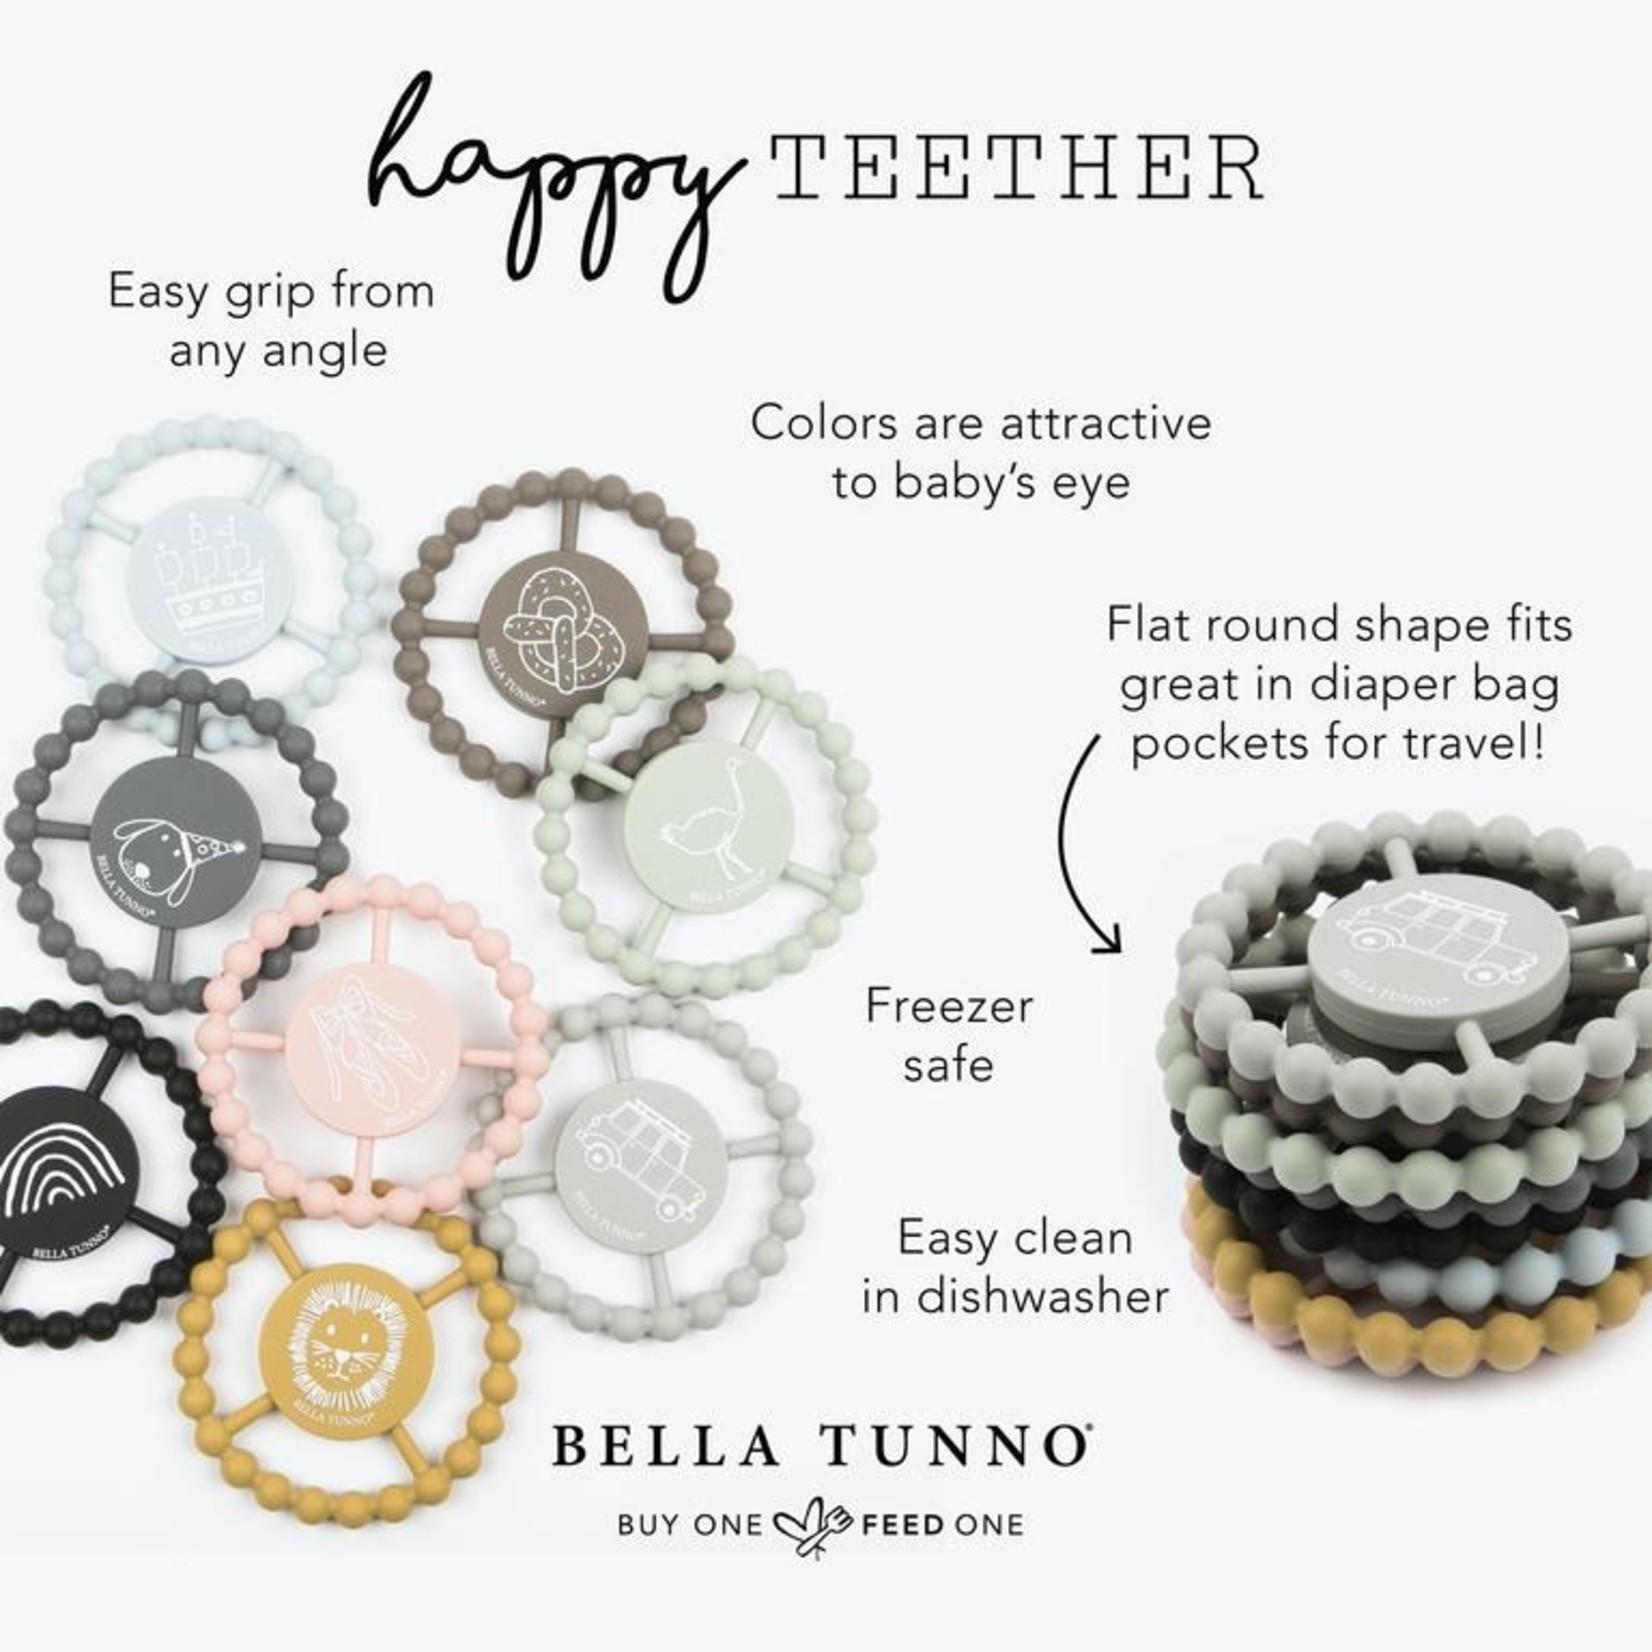 Bella Tunno Happy Teether